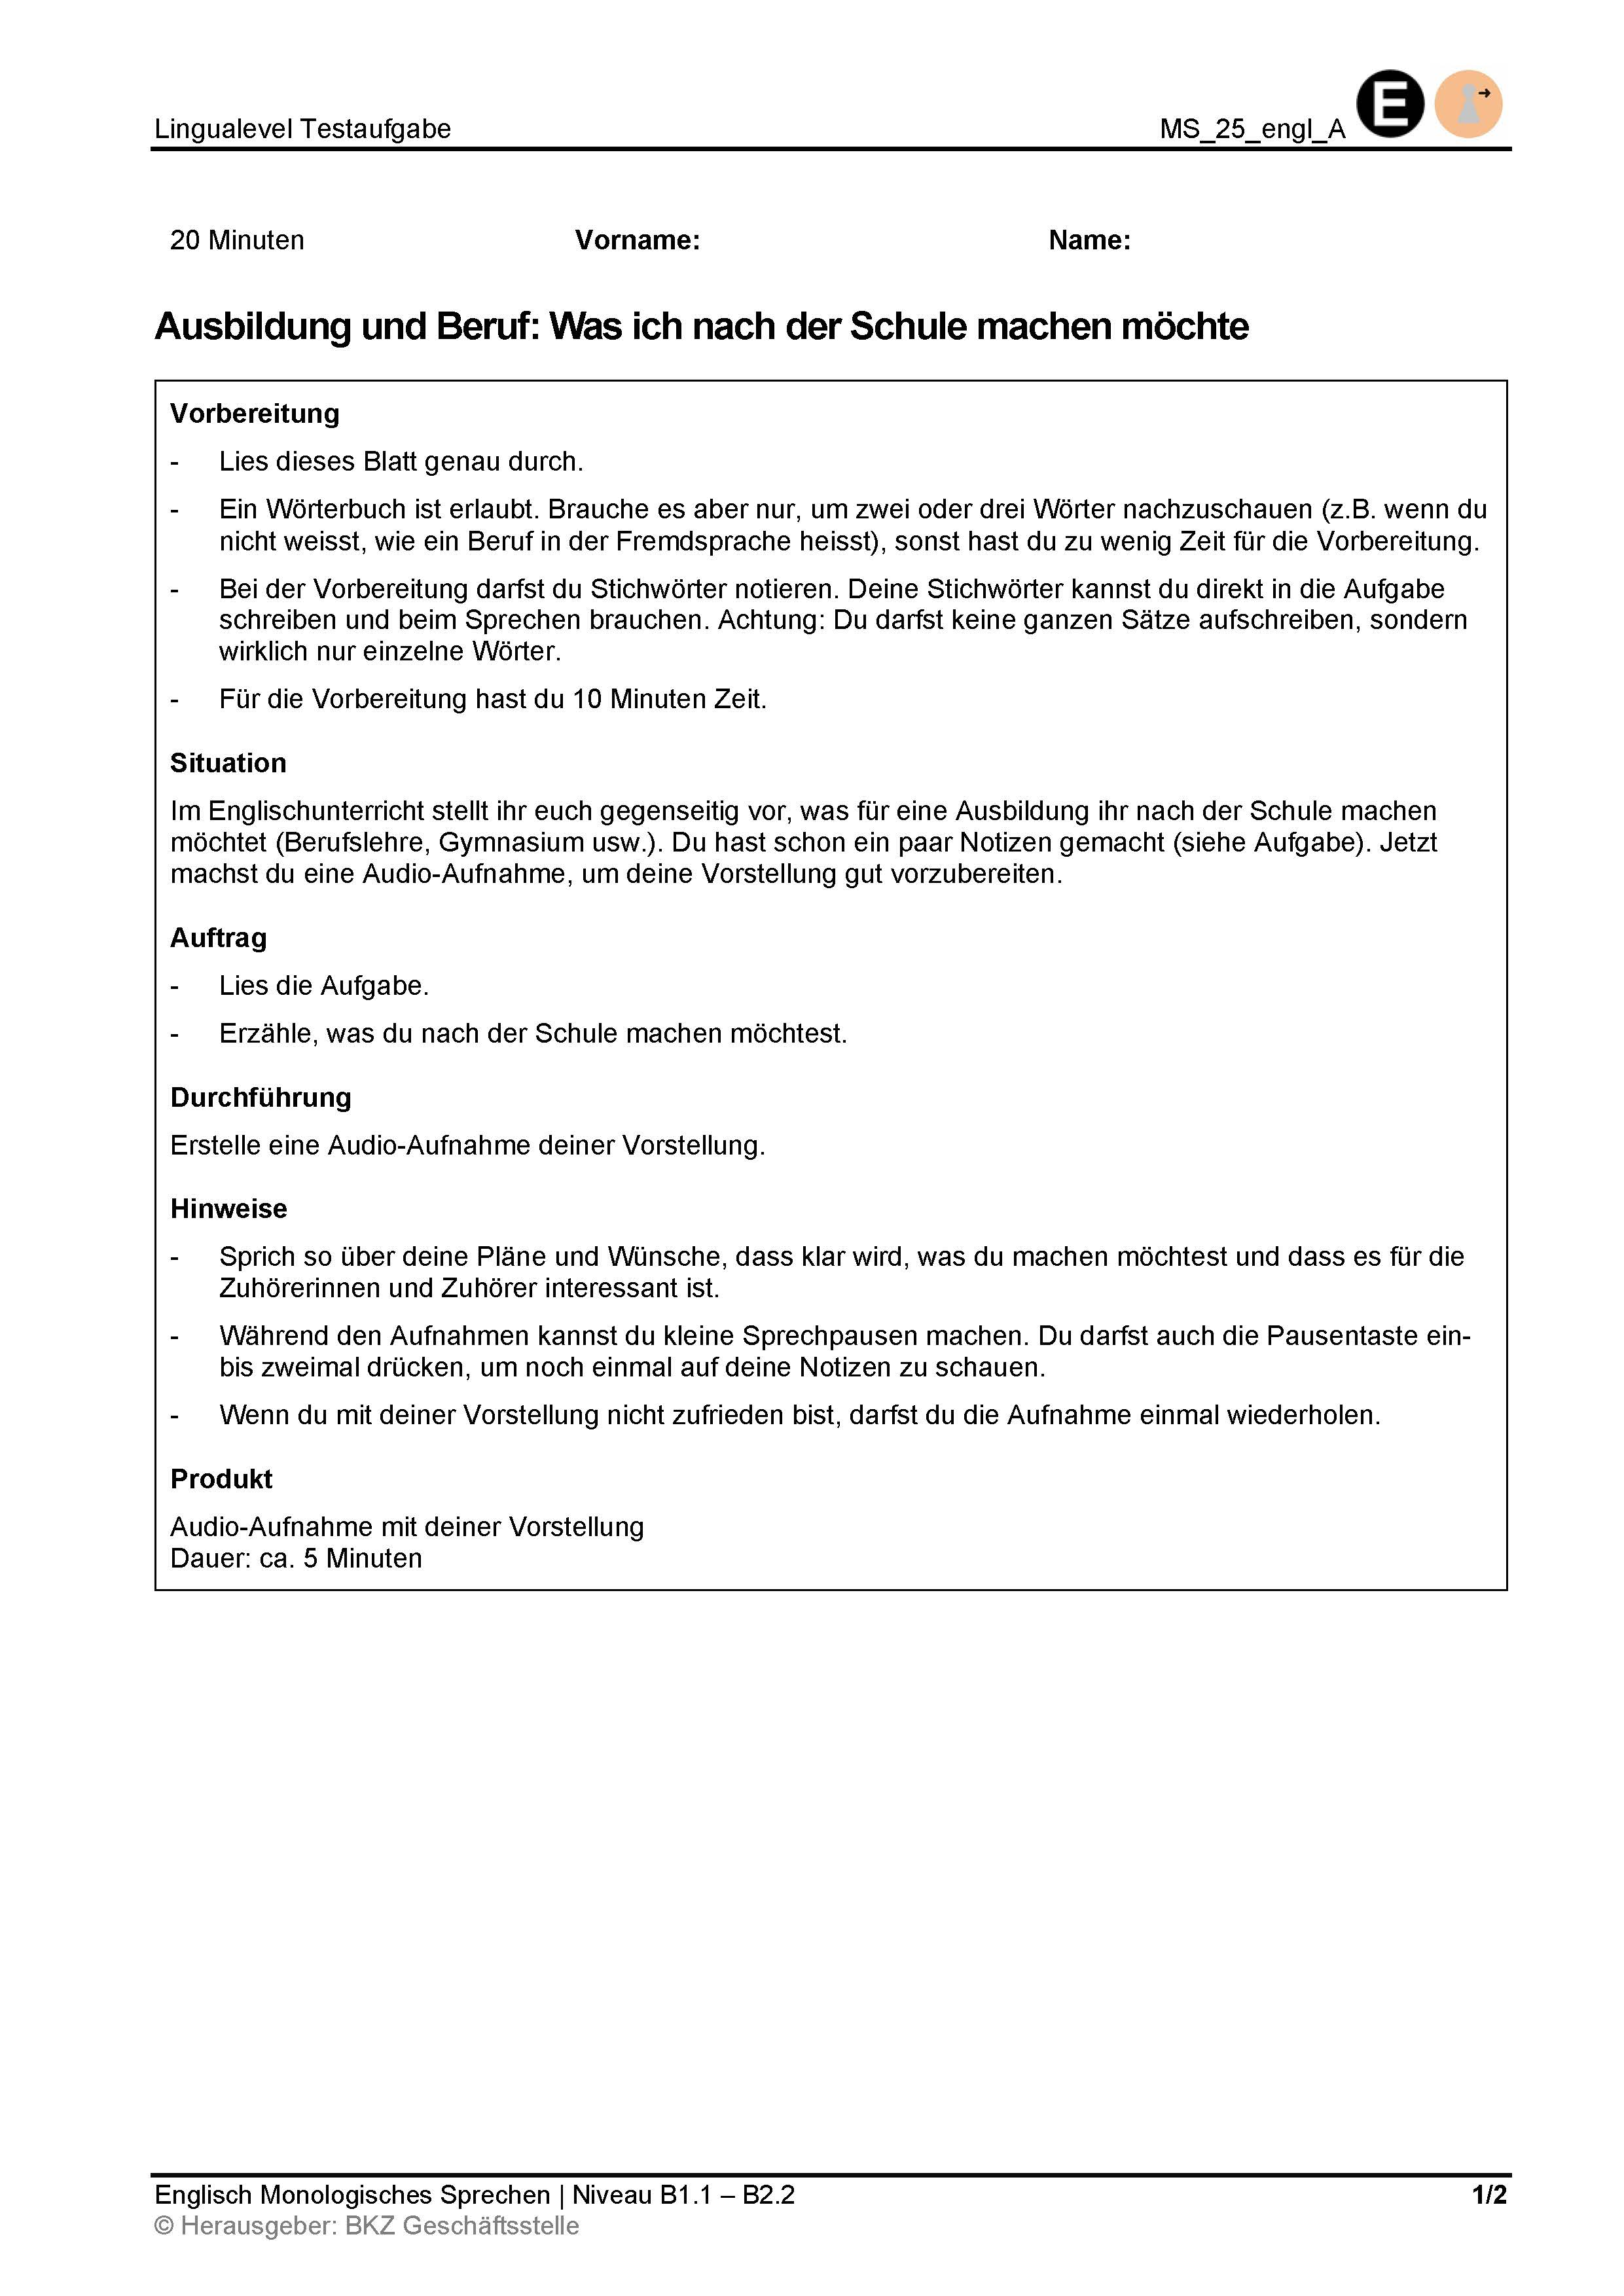 Preview image for LOM object Monologisches Sprechen: Ausbildung und Beruf: Was ich nach der Schule machen möchte